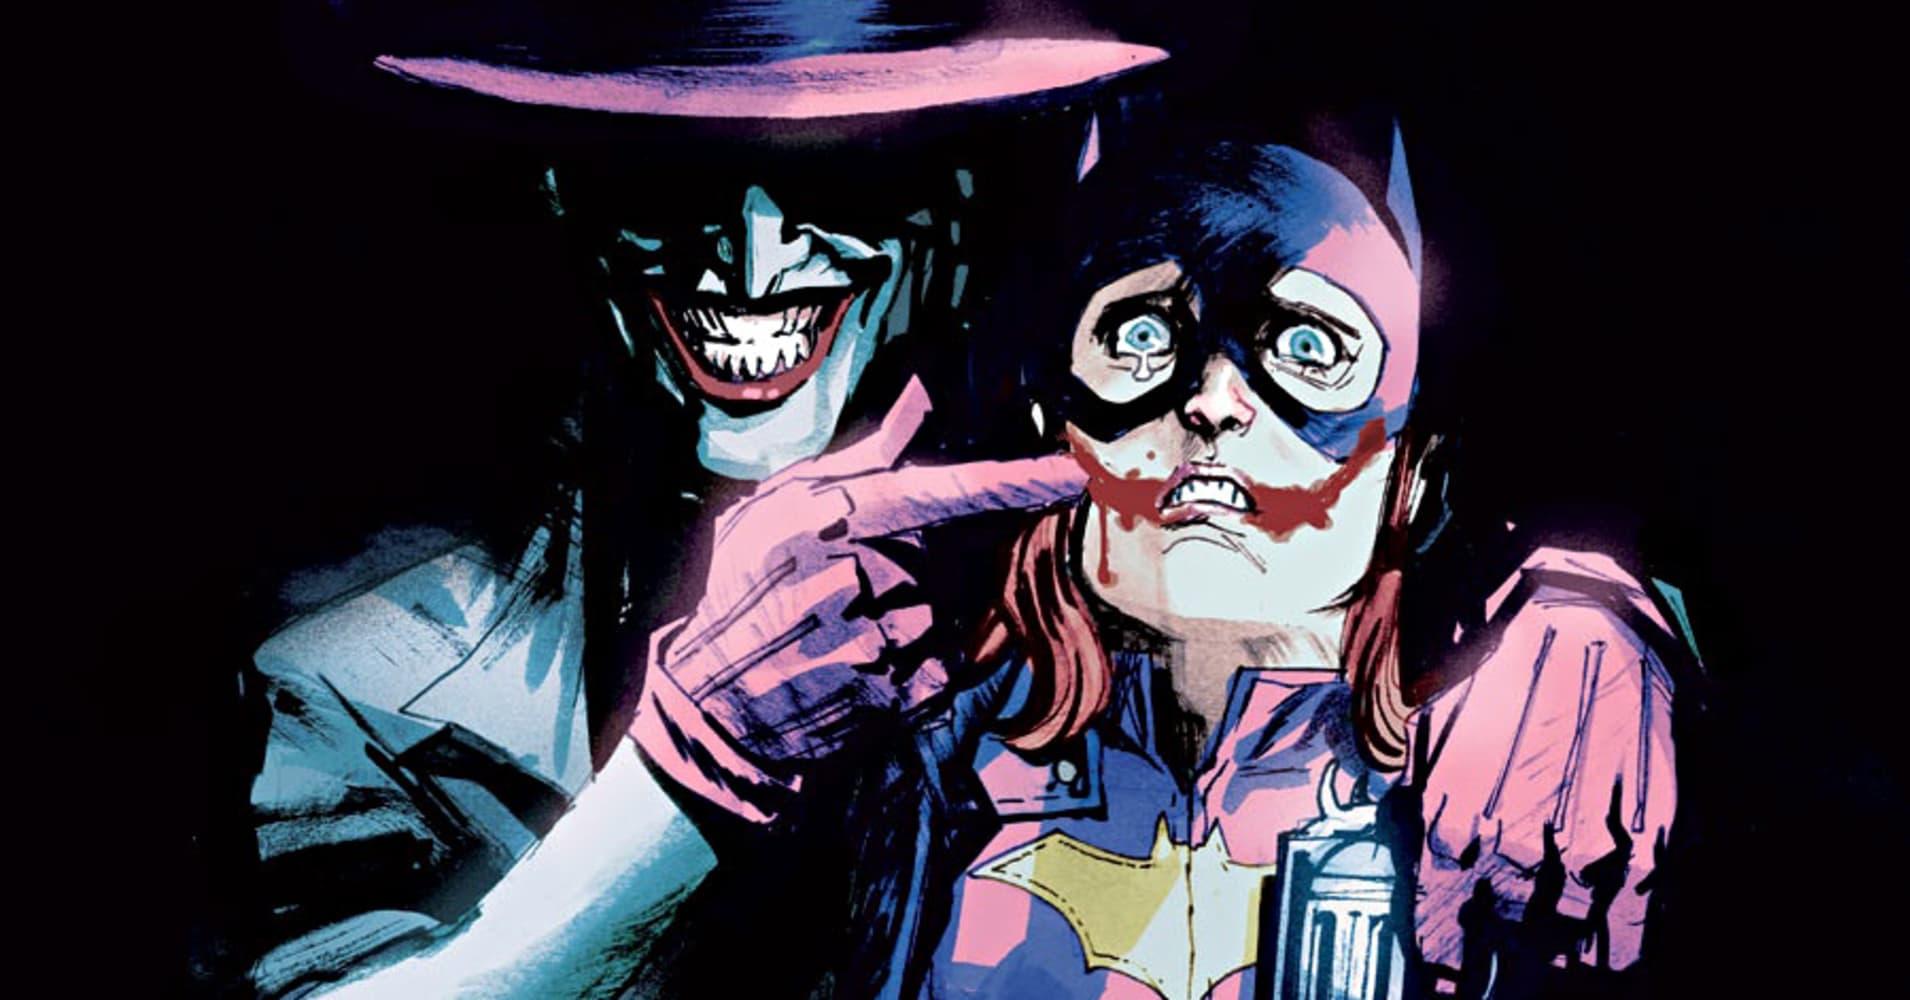 102520079-joker-batgirl.1910x1000.jpg